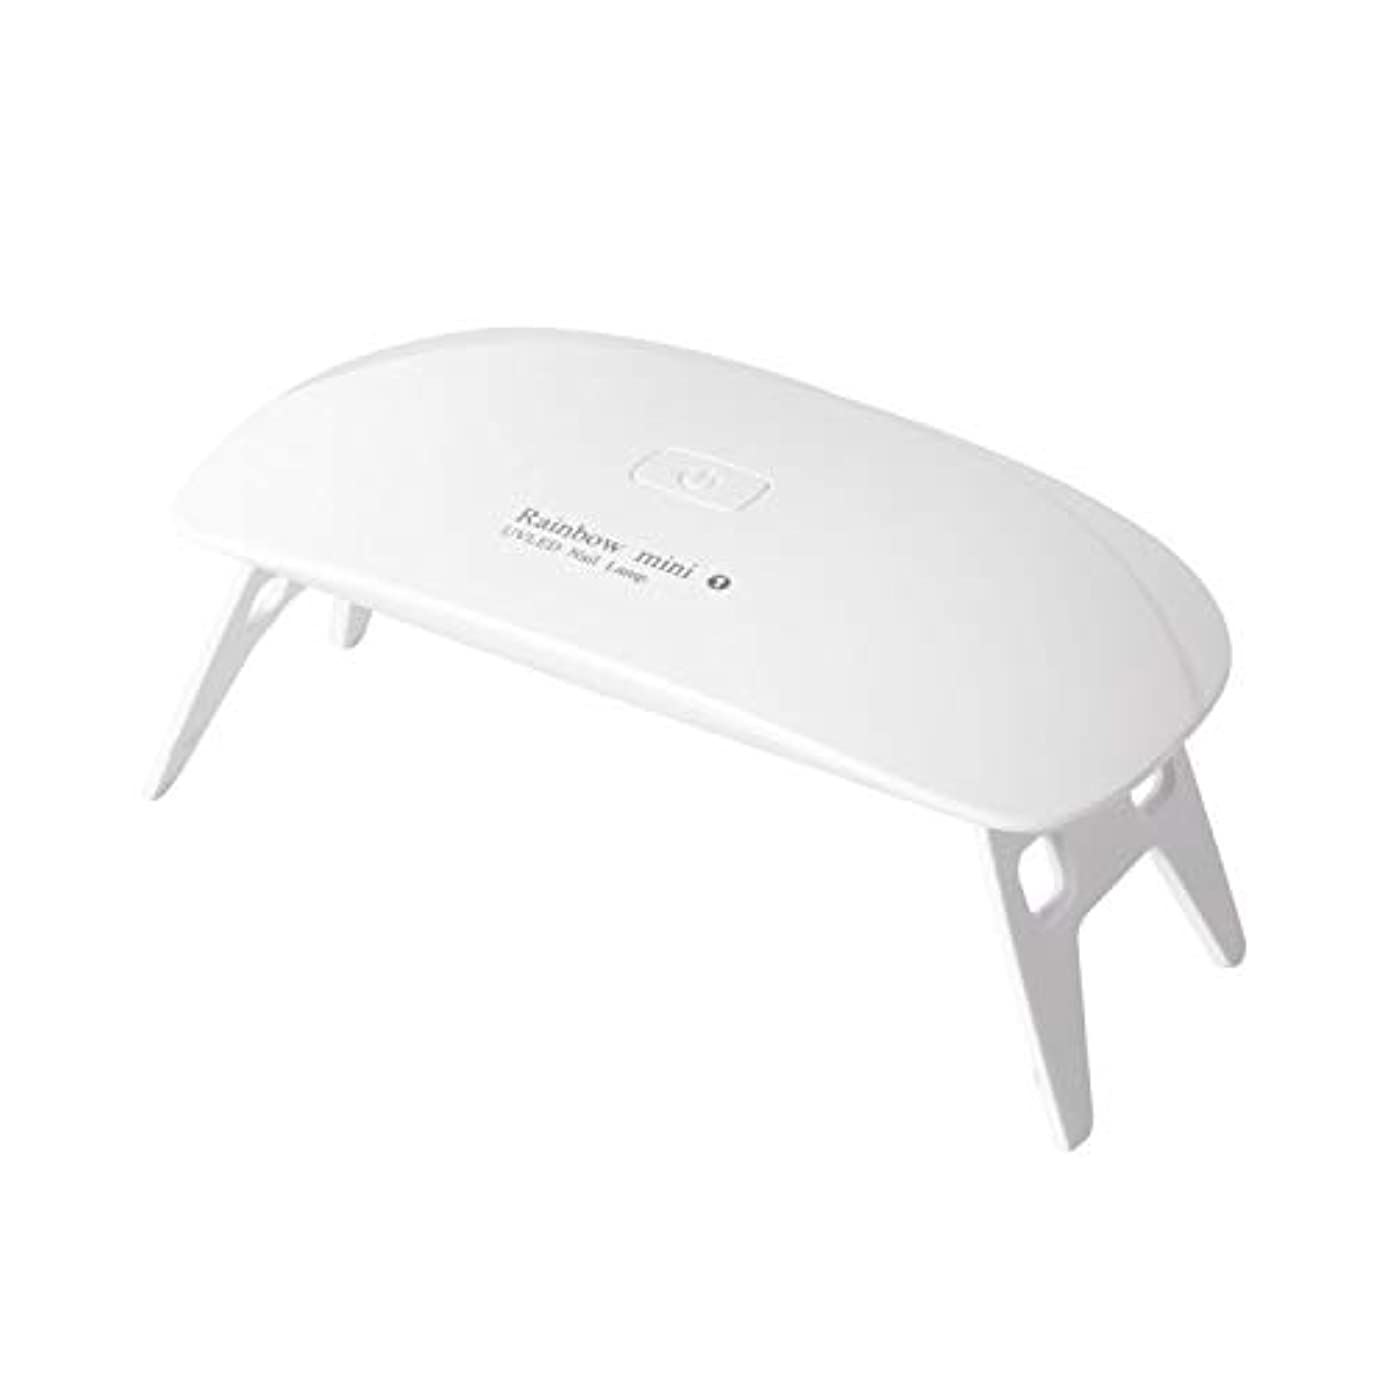 シュガー一節バルブLEDネイルドライヤー AmoVee UVライト 硬化用UVライト タイマー設定可能 折りたたみ式 ジェルネイル用 ホワイト